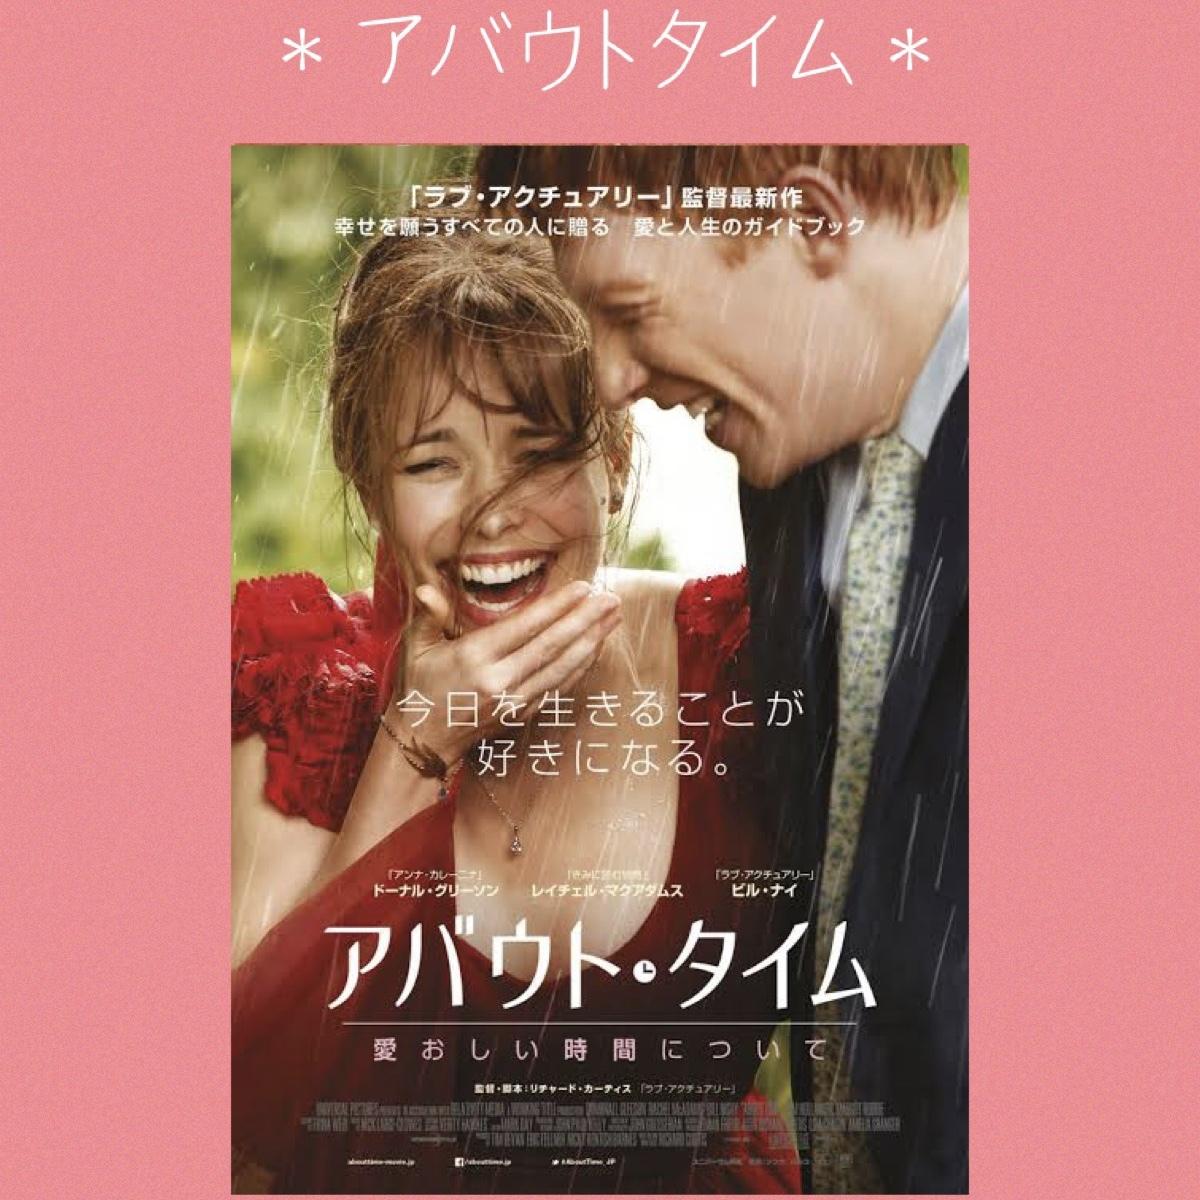 【映画】映画好きが超おすすめする恋愛映画!!_1_4